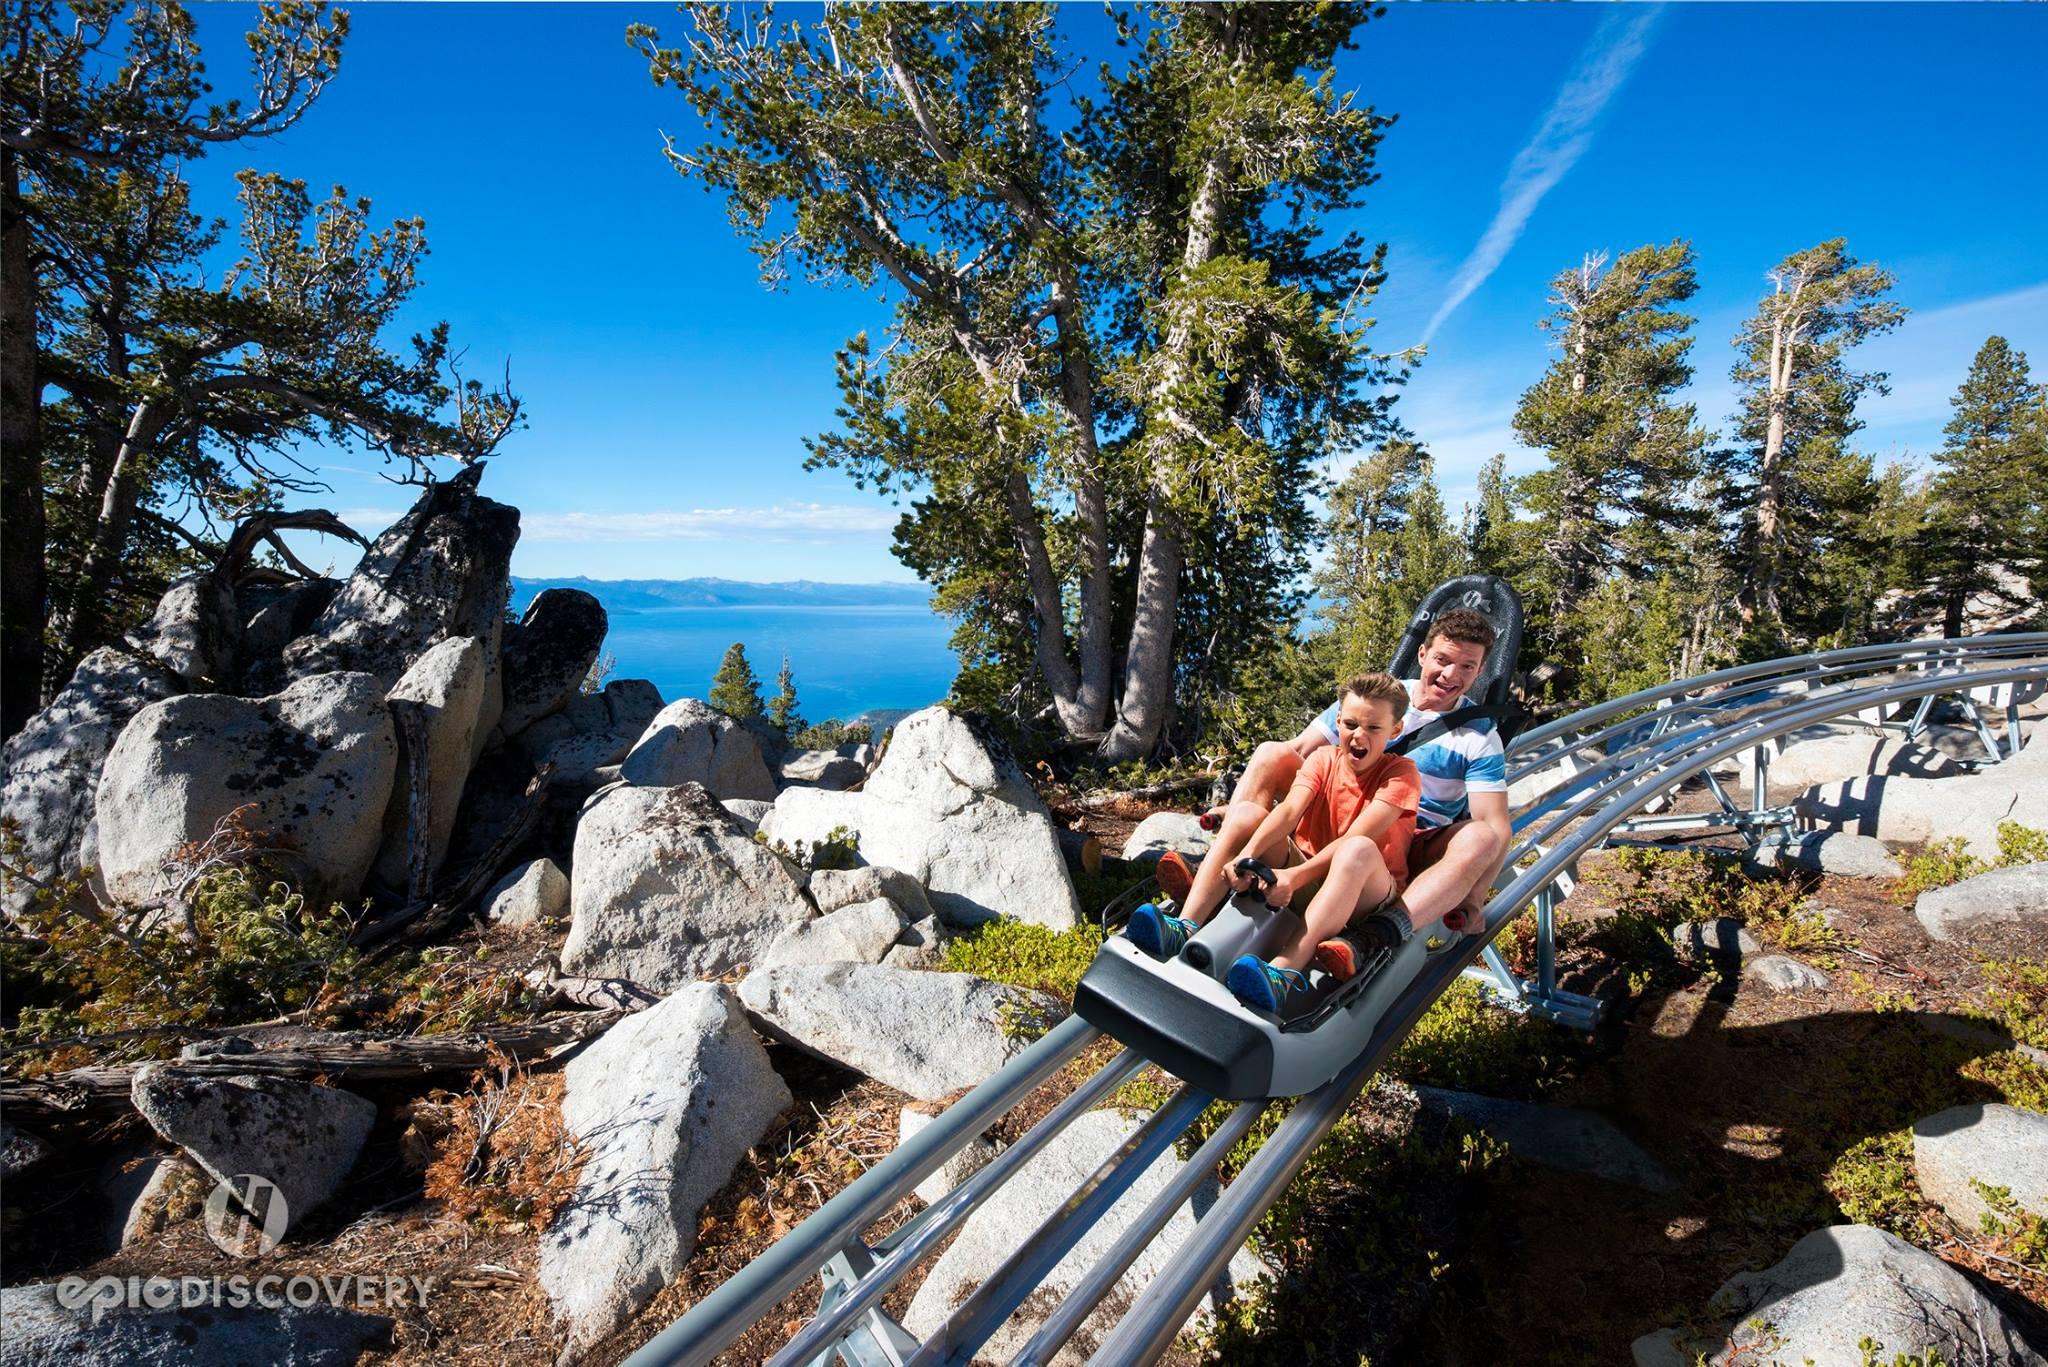 The landing lake tahoe resort spa